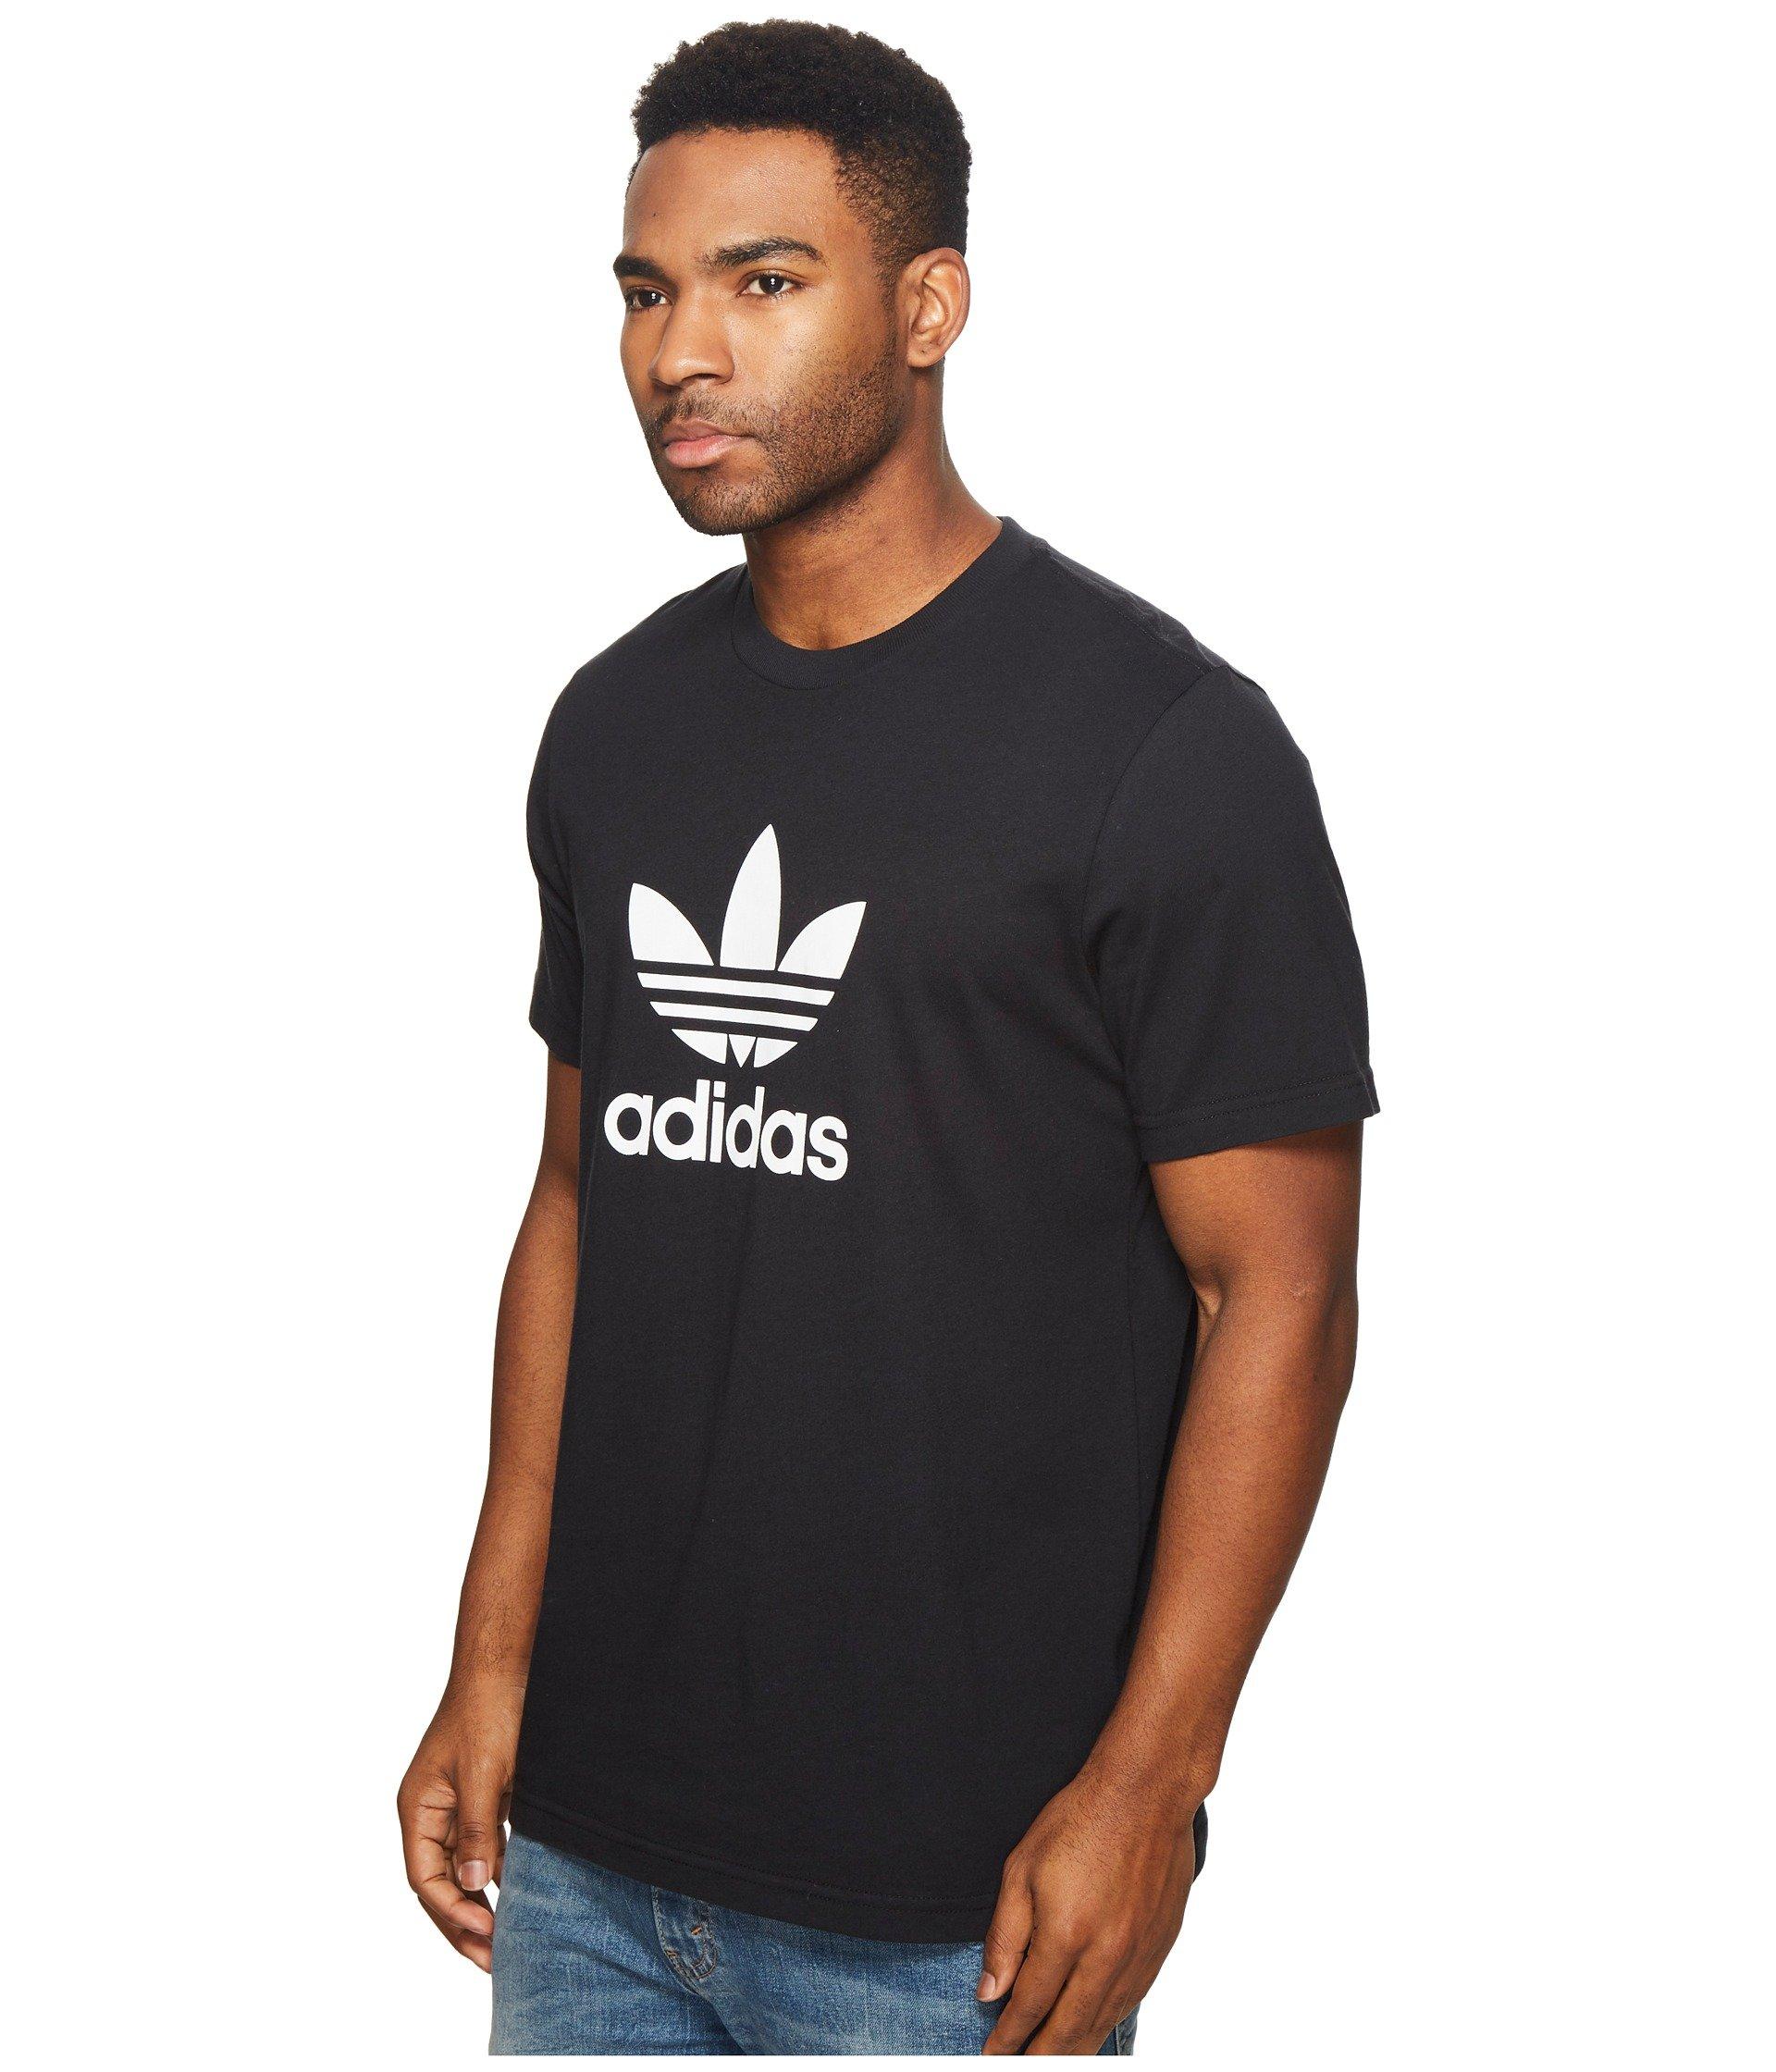 Trefoil Tee Adidas Trefoil Adidas Black Tee Black Tee Originals Originals Adidas Trefoil Originals Black AxfEPa